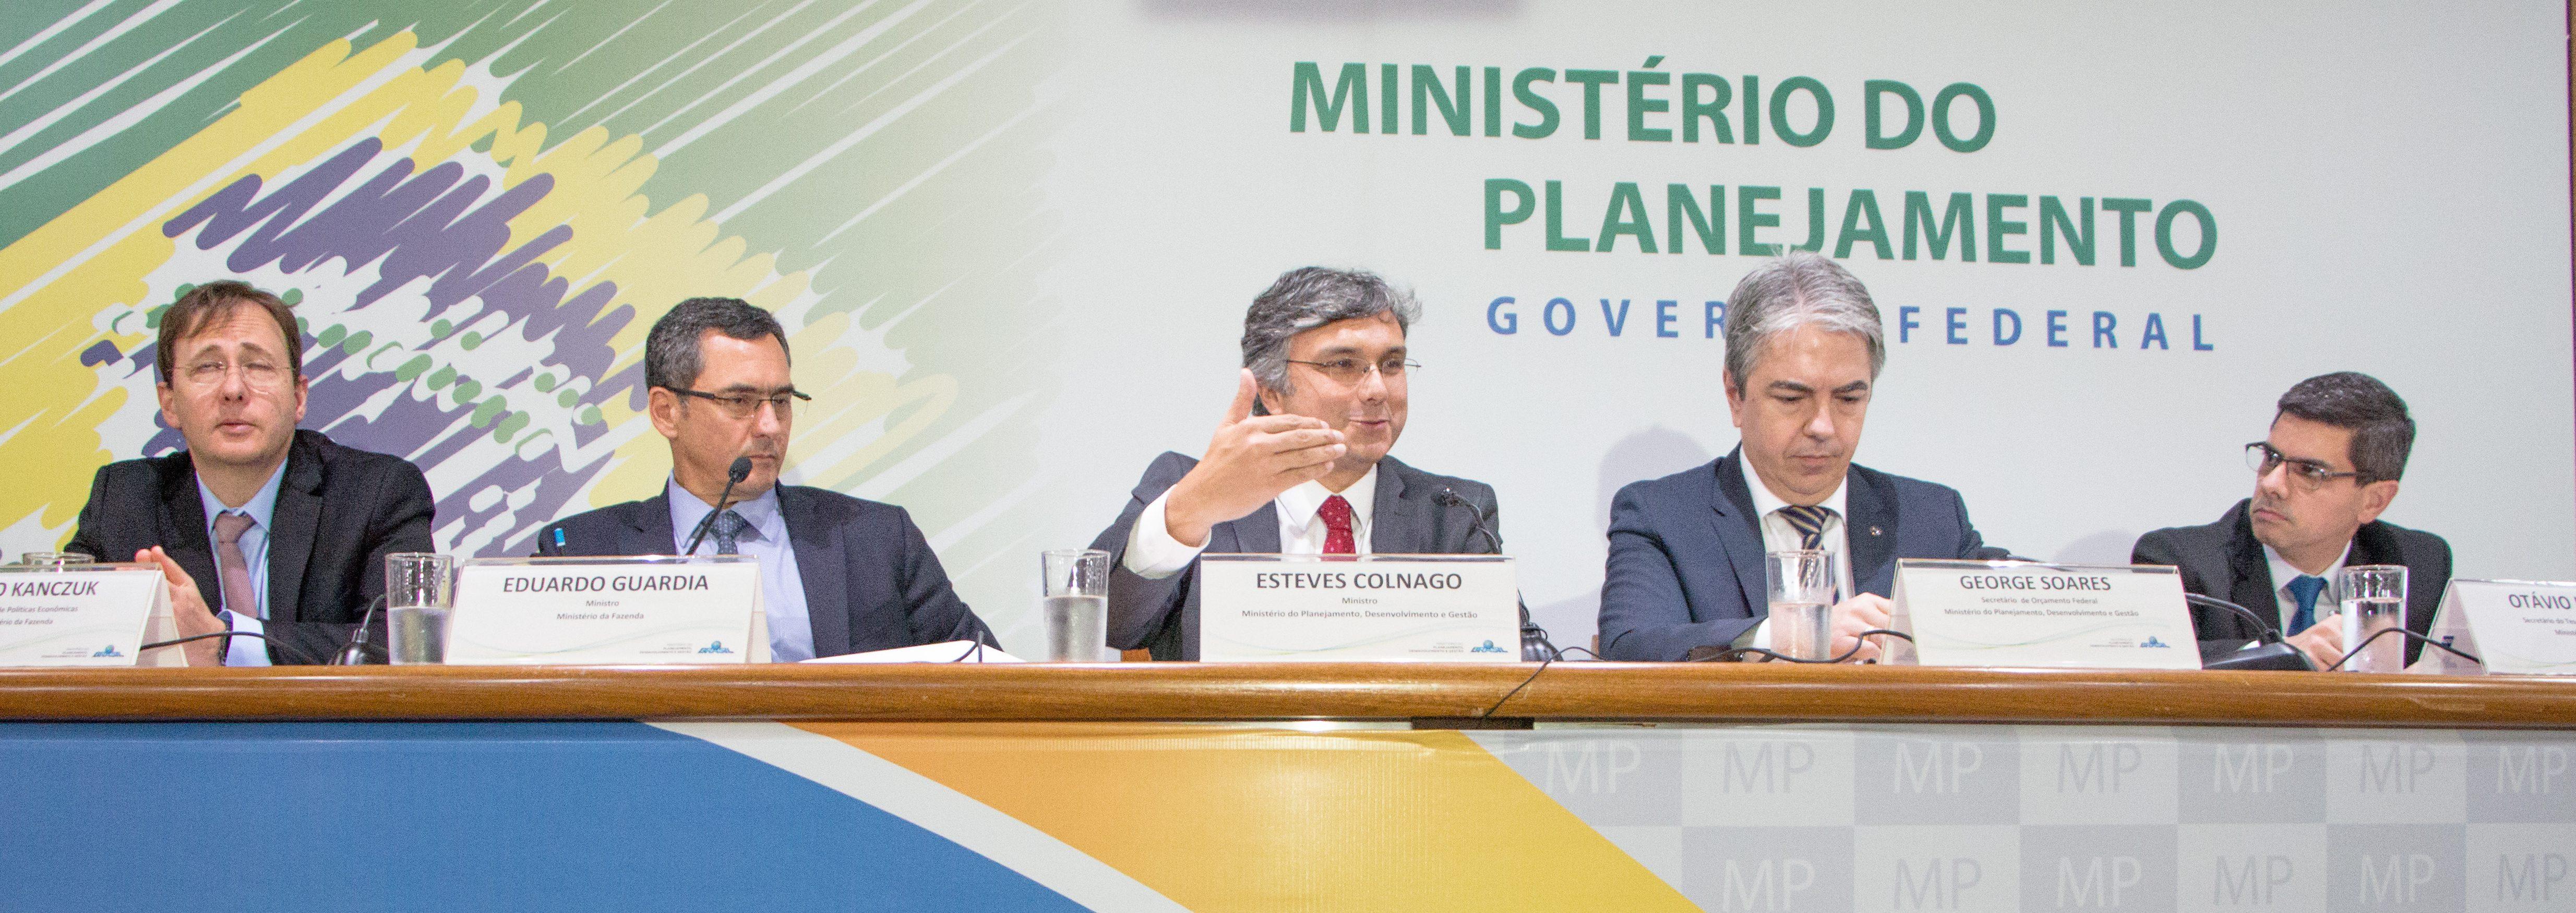 Governo corta em 30,5 bi previsão orçamentária de gastos discricionários de 2019